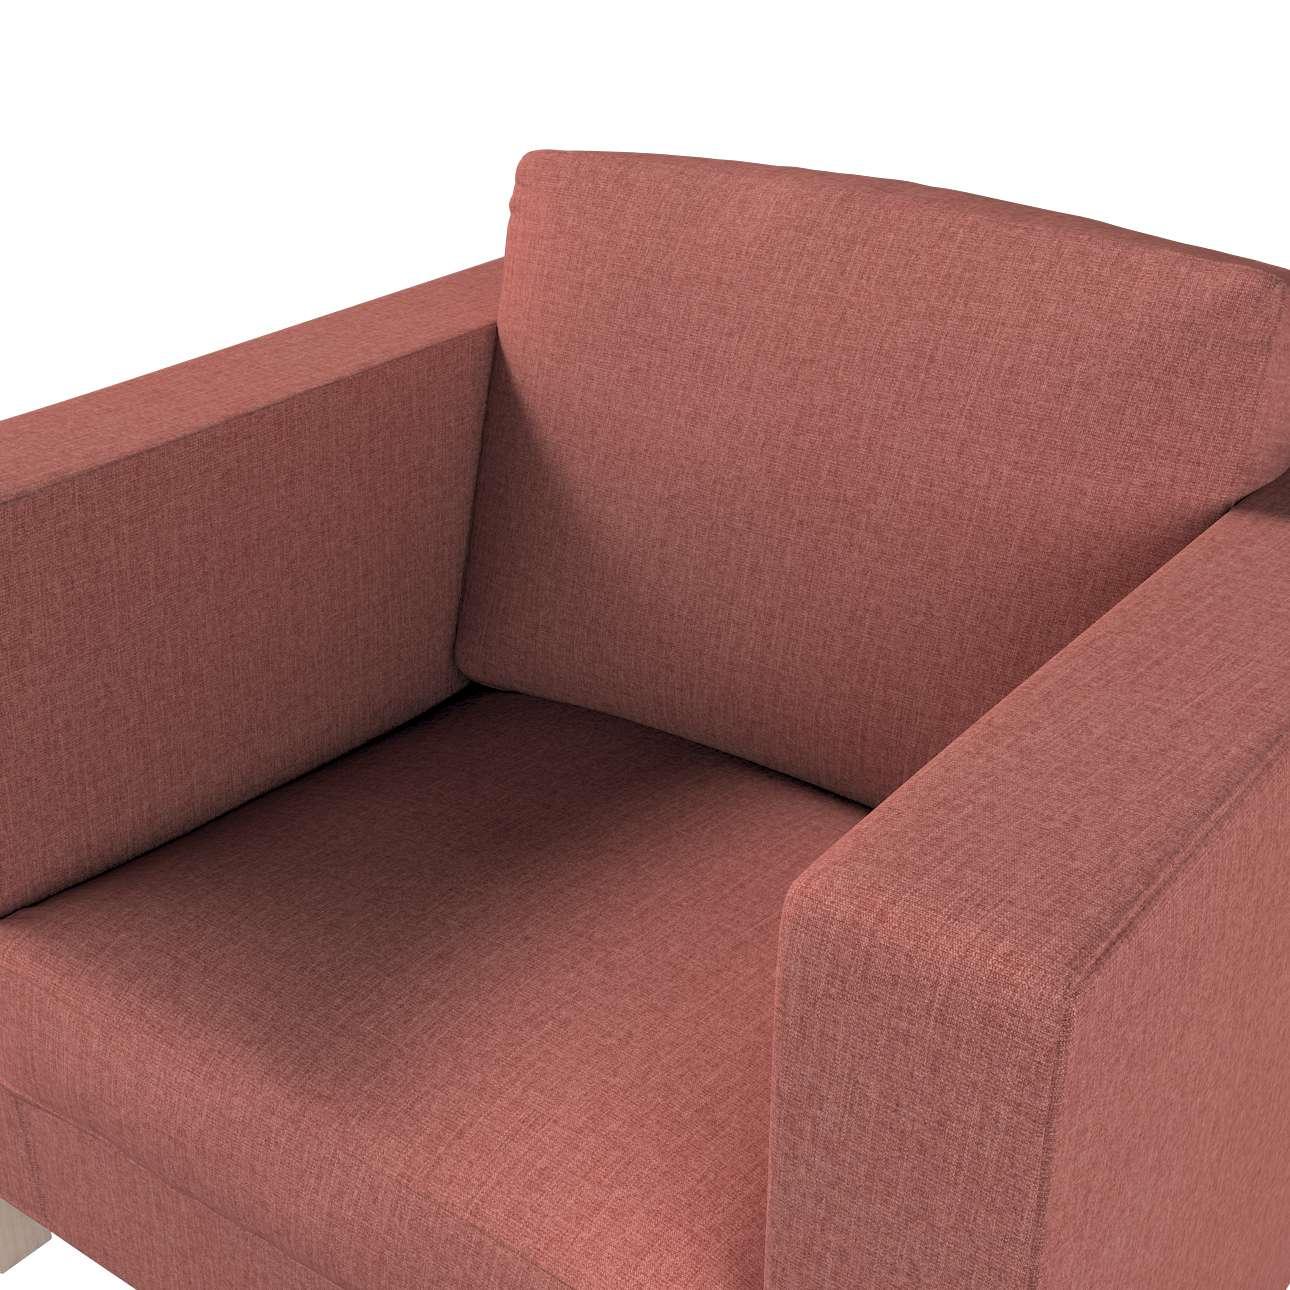 Pokrowiec na fotel Karlanda, krótki w kolekcji City, tkanina: 704-84